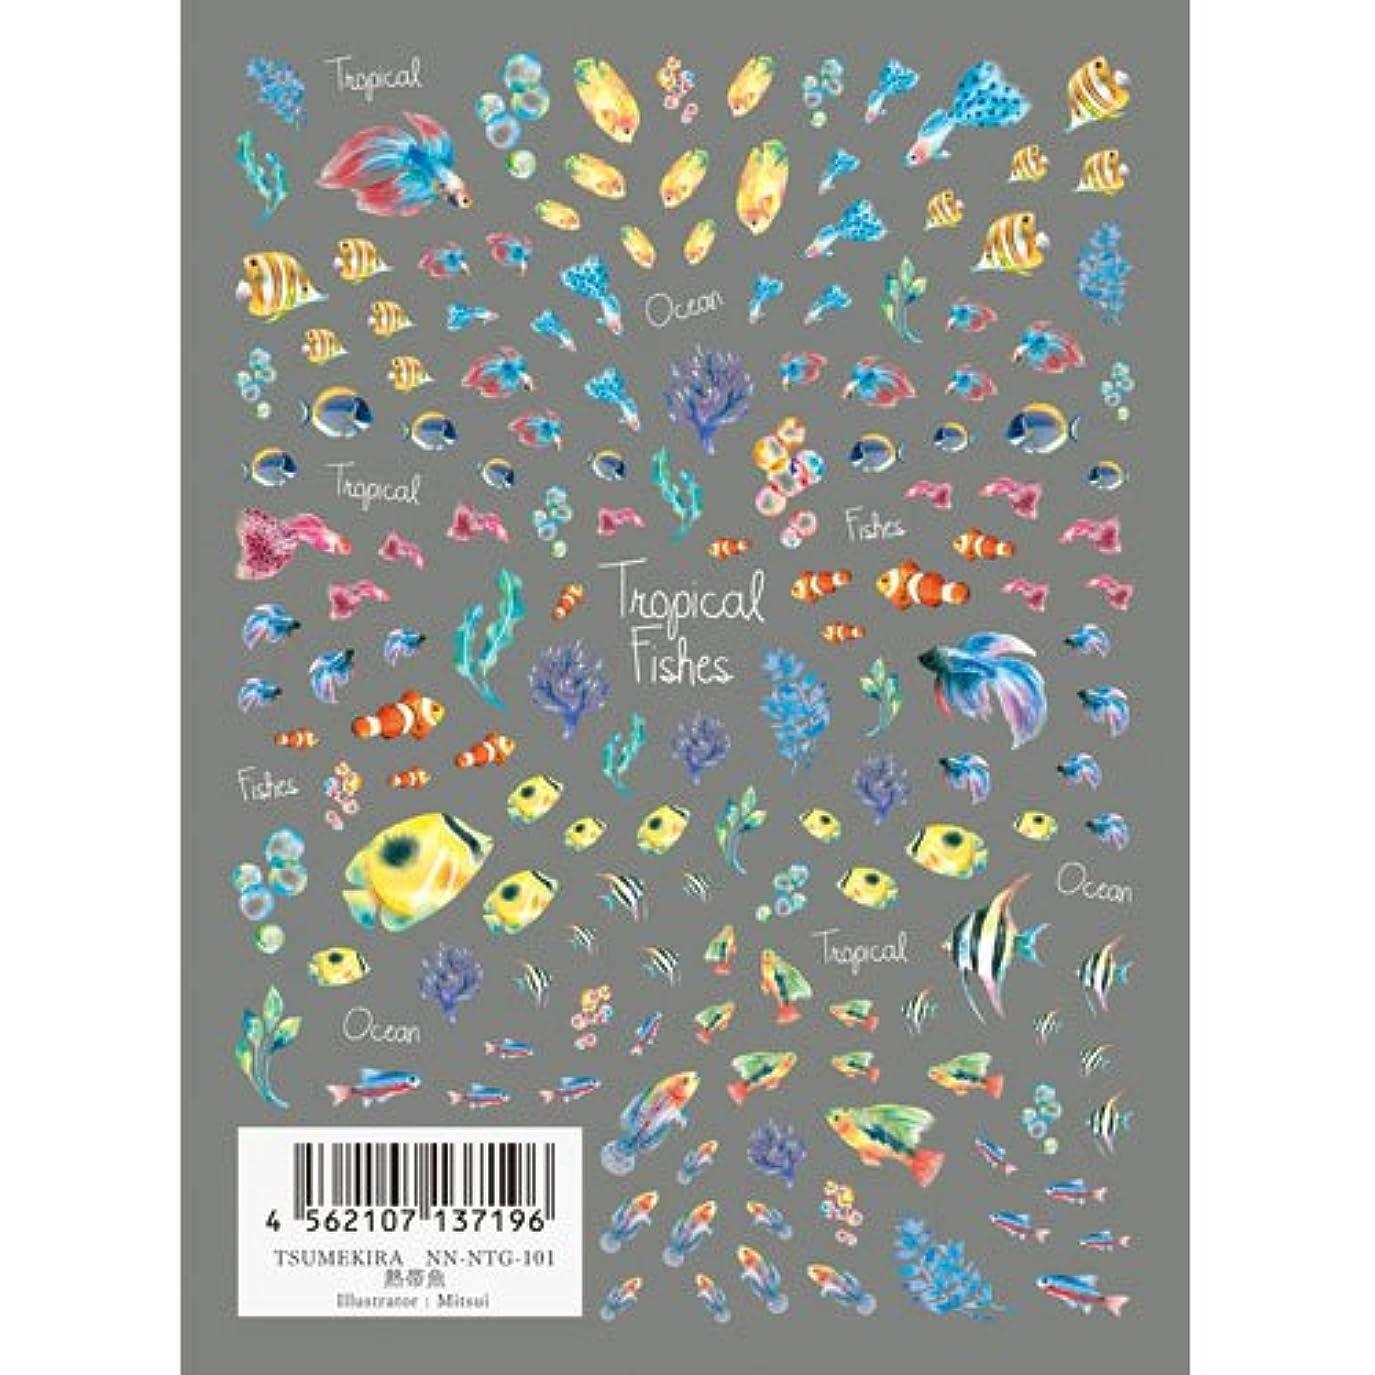 最も遠い読書をする基礎ツメキラ(TSUMEKIRA) ネイル用シール 熱帯魚 NN-NTG-101